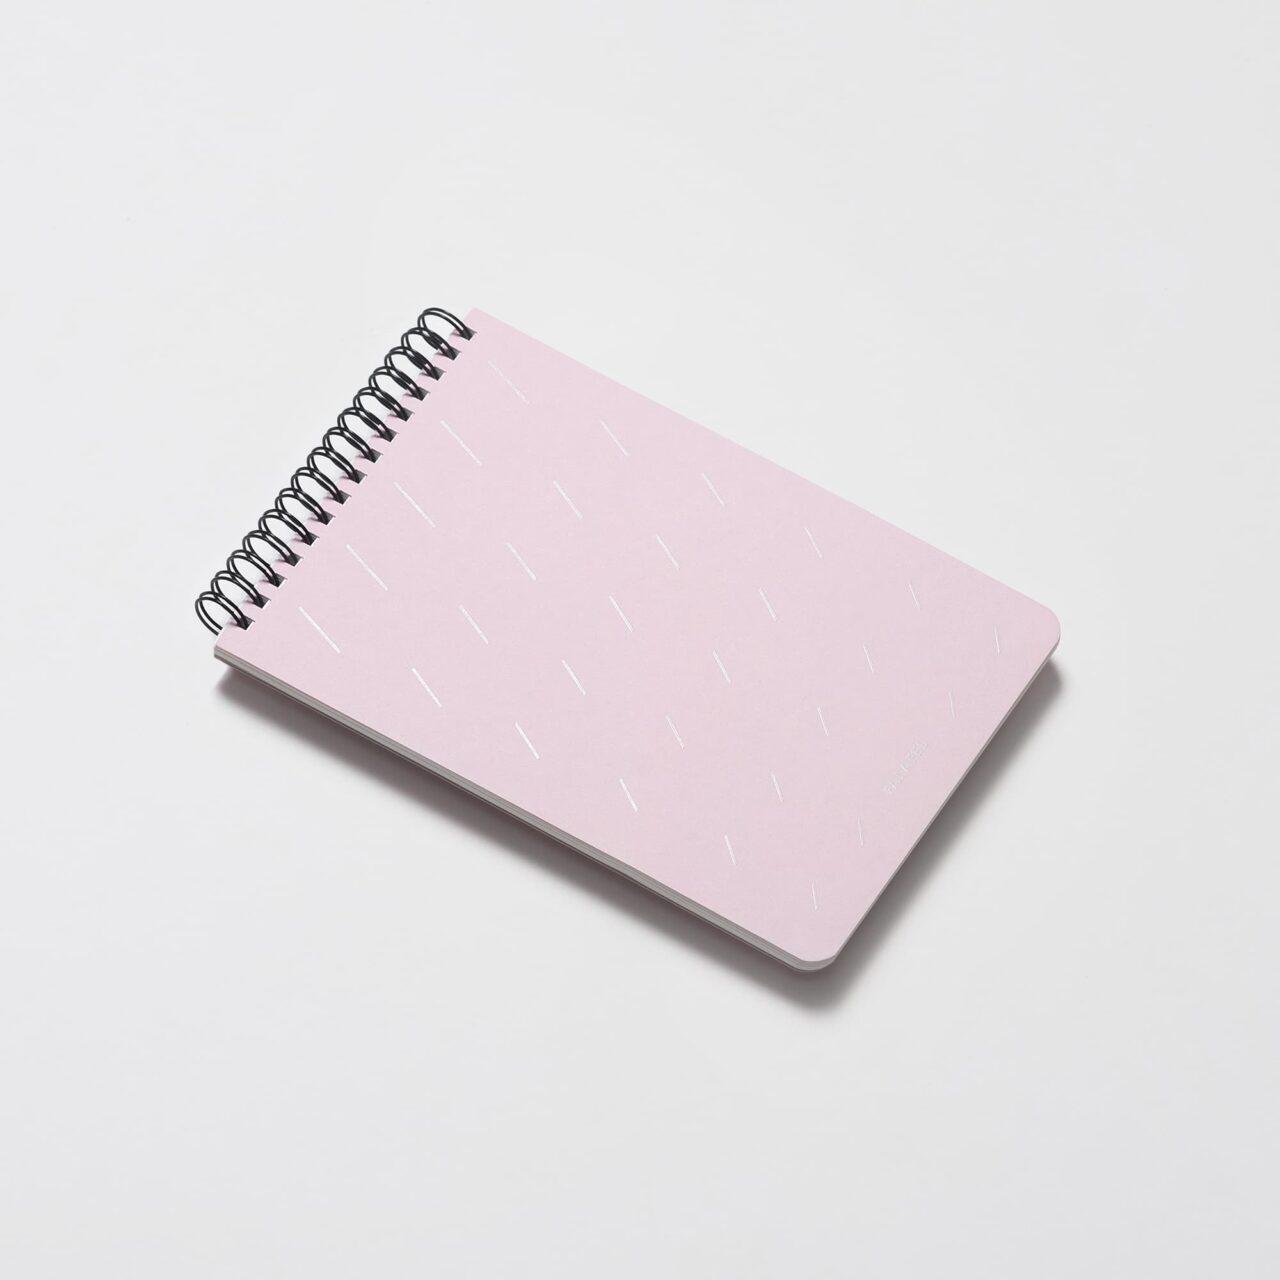 Скетчбук для маркеров A5, 70 г/м², 60 листов, розовый